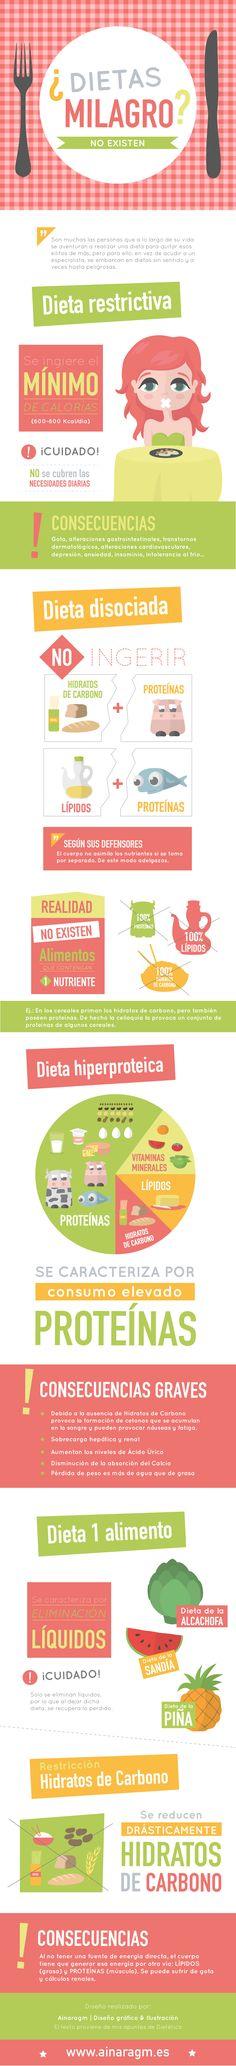 """Infografía sobre las consecuencias de las """"dietas milagro"""""""